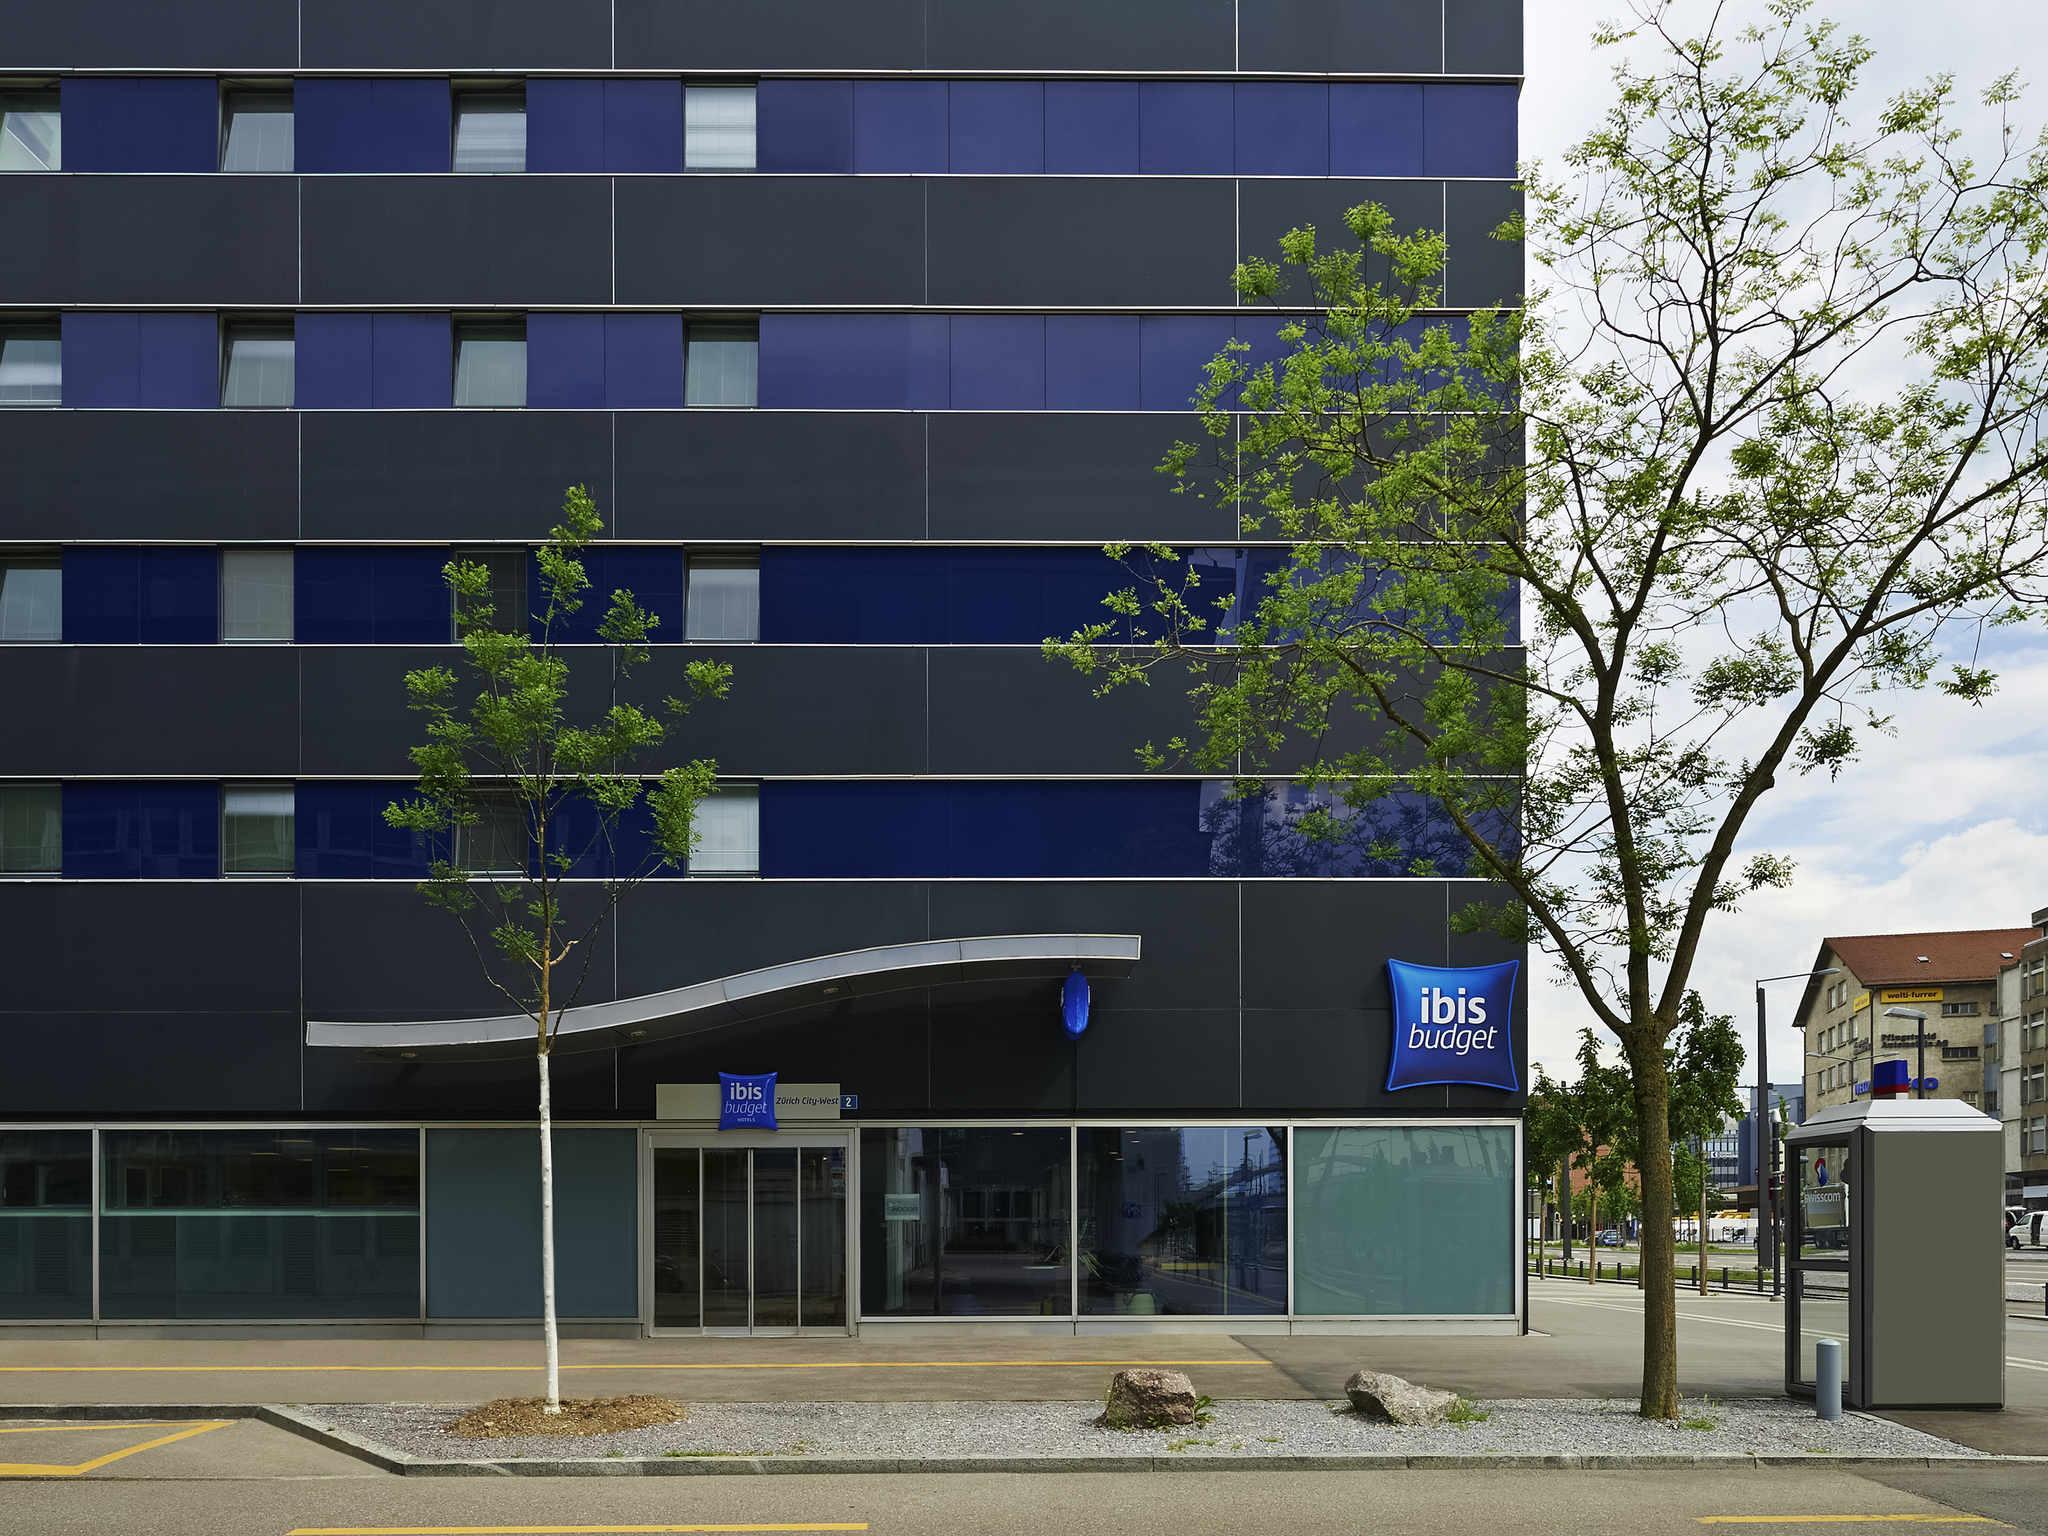 ホテル – イビスバジェットチューリッヒシティヴェスト